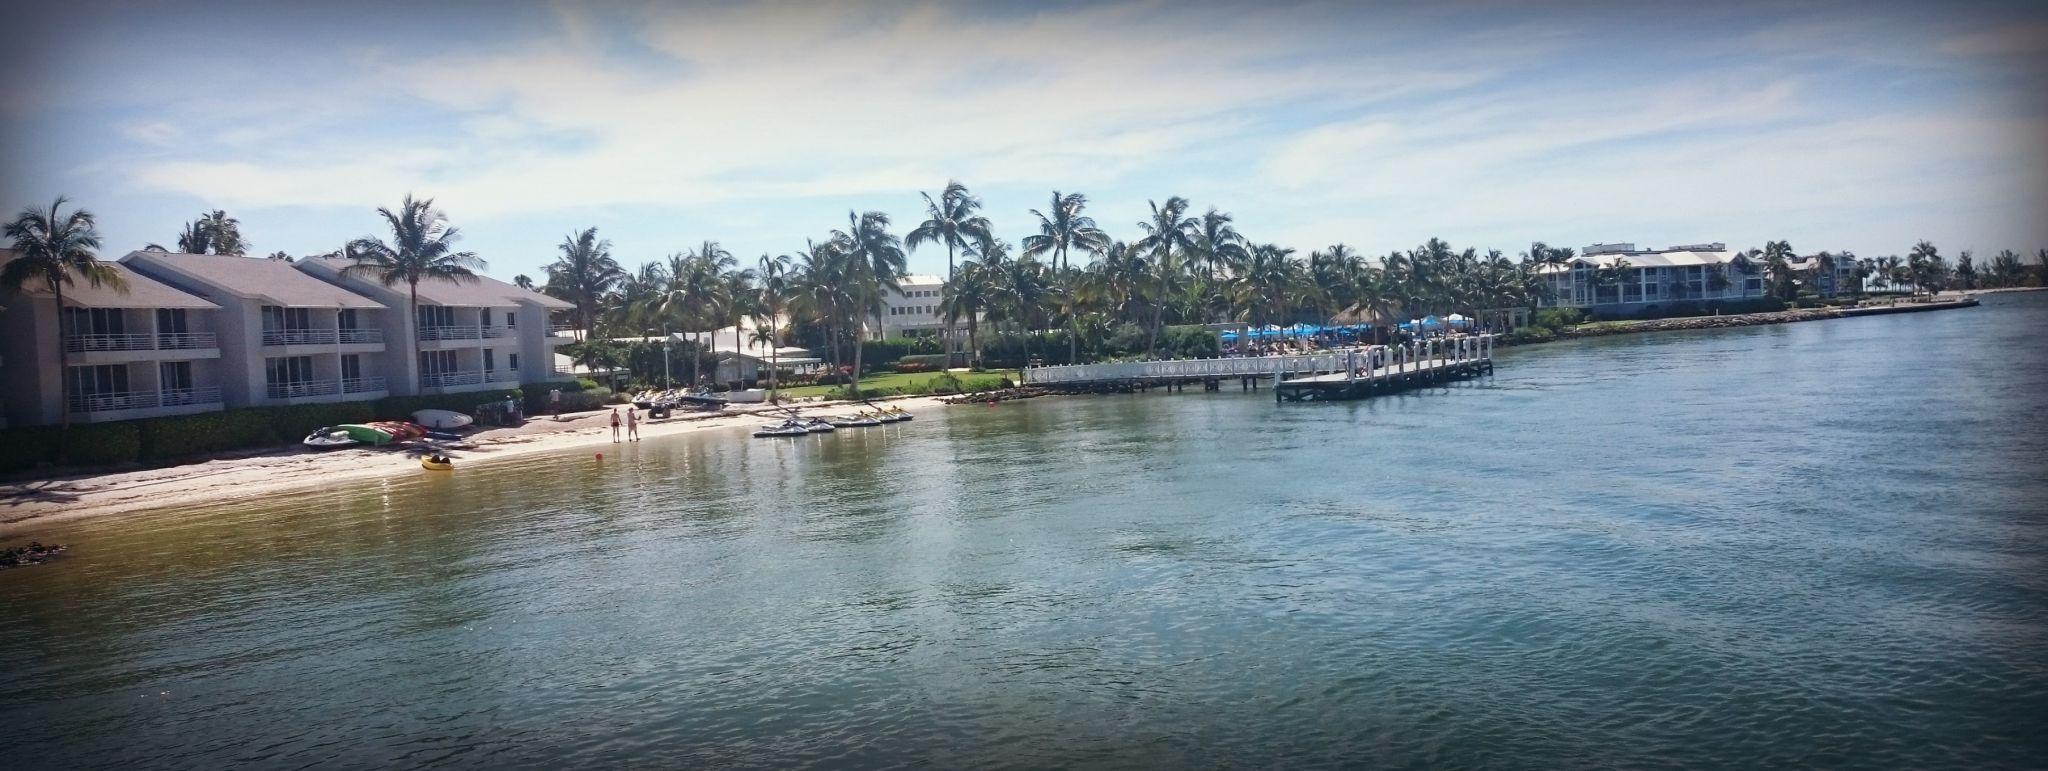 South Seas Resort, Captiva, Florida